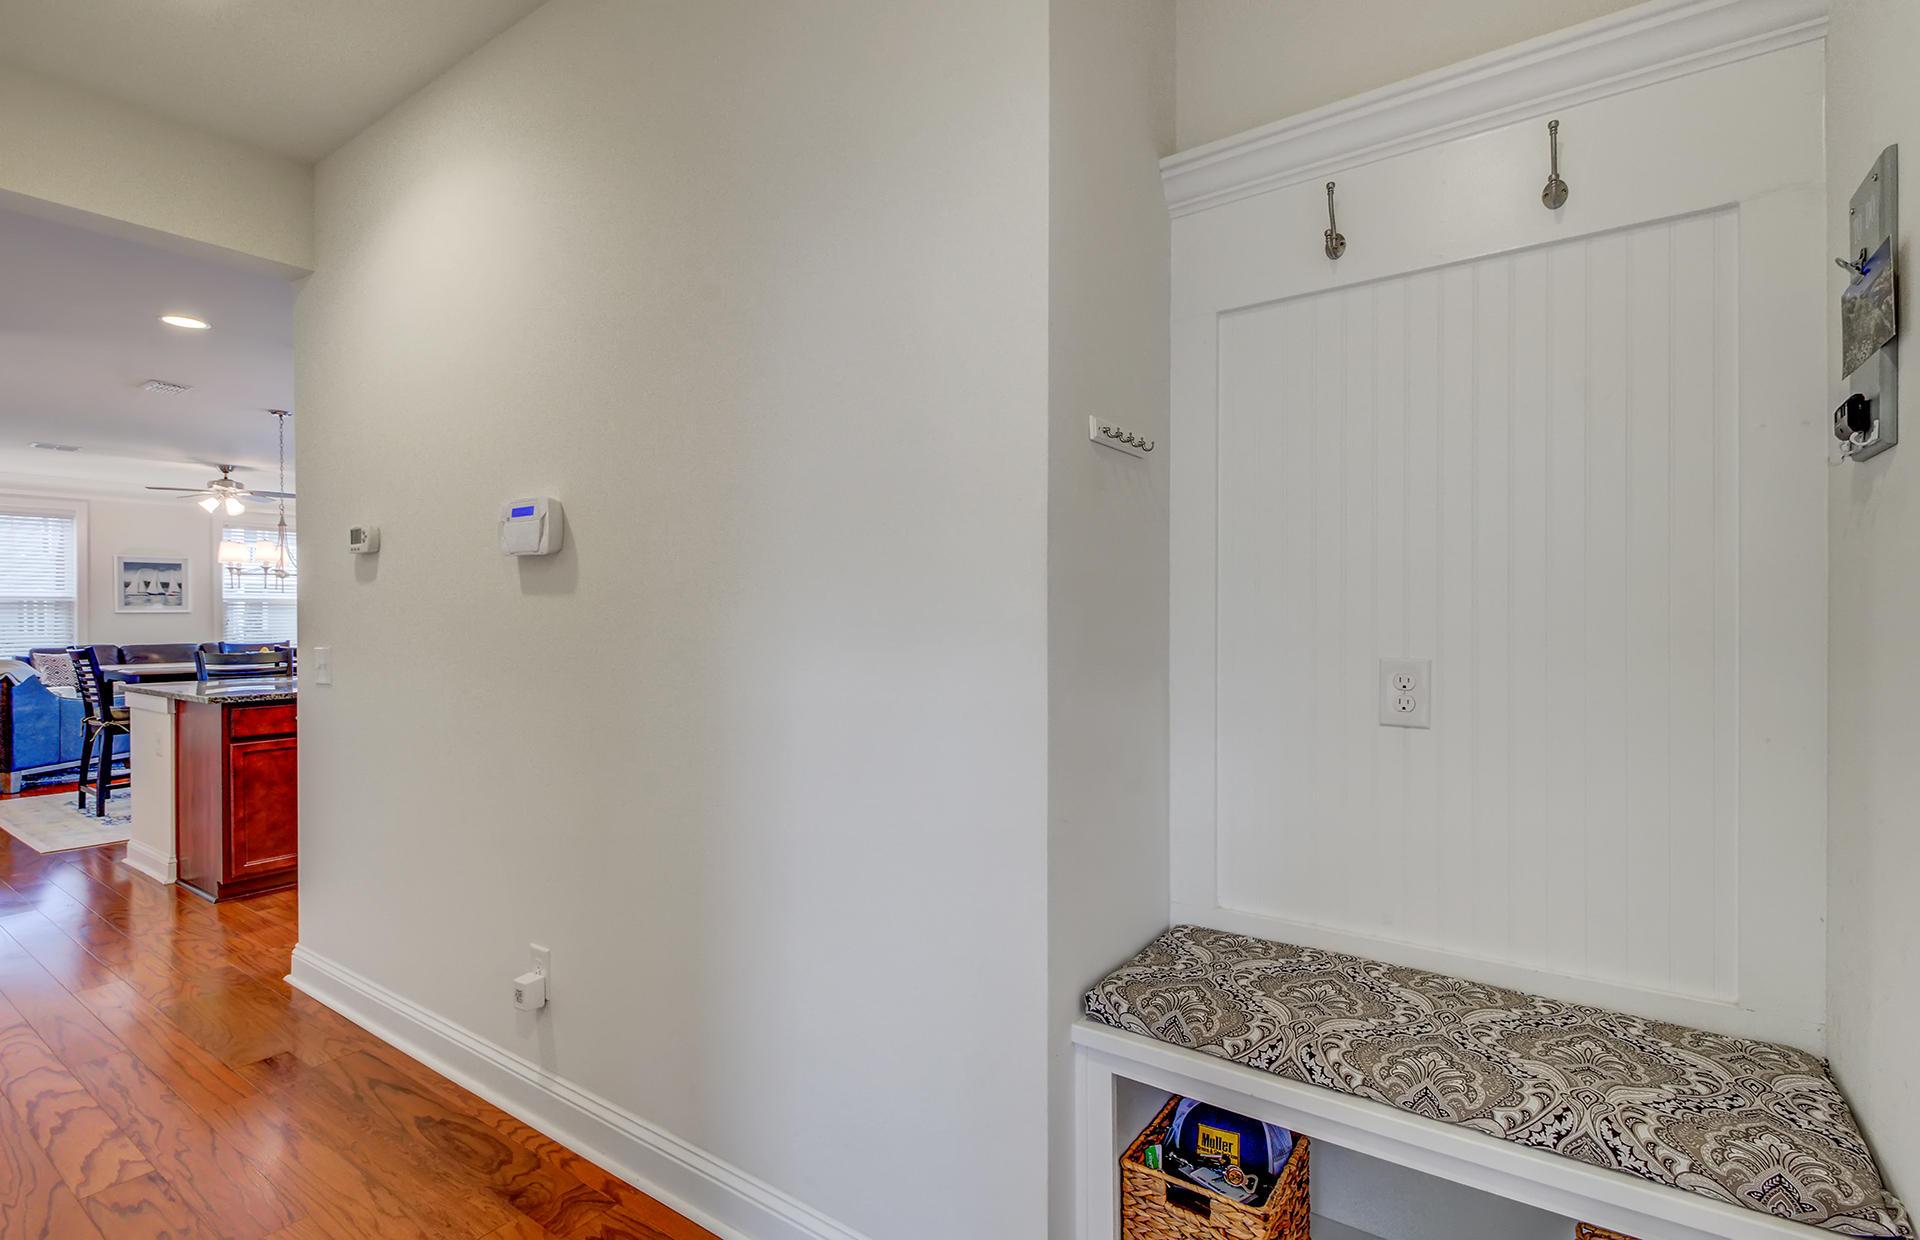 Boltons Landing Homes For Sale - 3143 Moonlight, Charleston, SC - 23